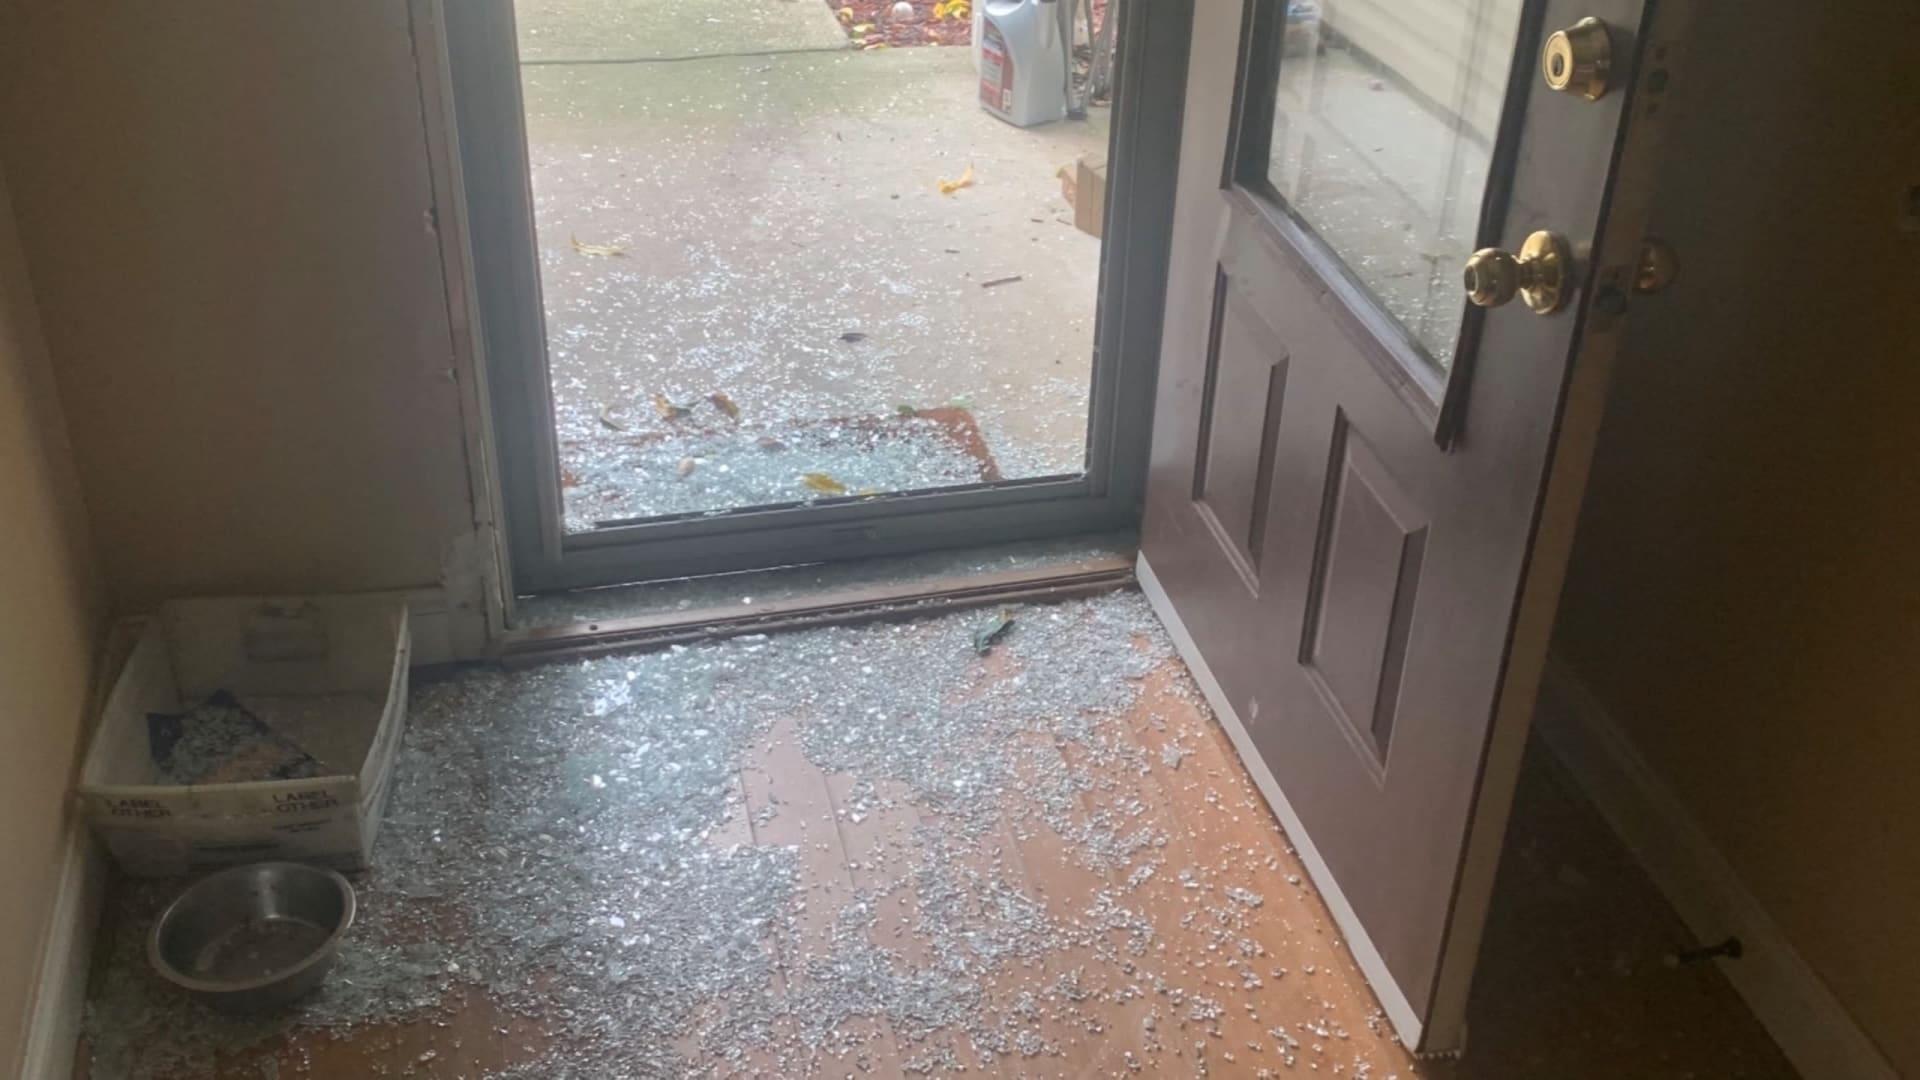 كاميرا جرس الباب.. يكشف لصًا يقتحم المنزل ويهشم الباب ويخرج دون أي بصمات